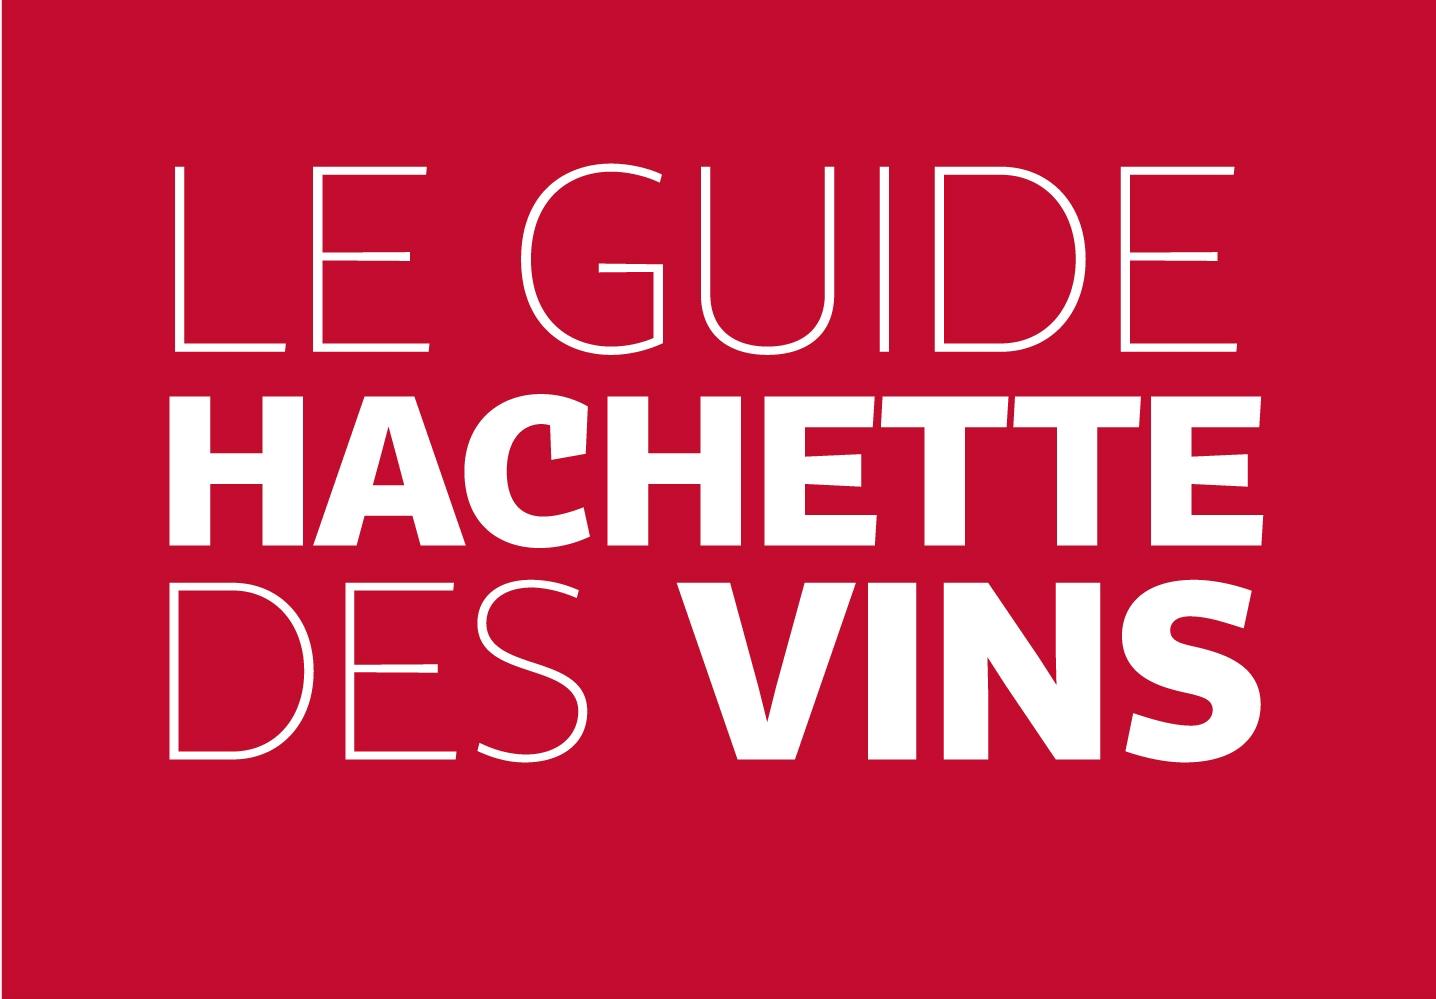 Le guide Hachette des vins 2014 : 1 étoile(s)